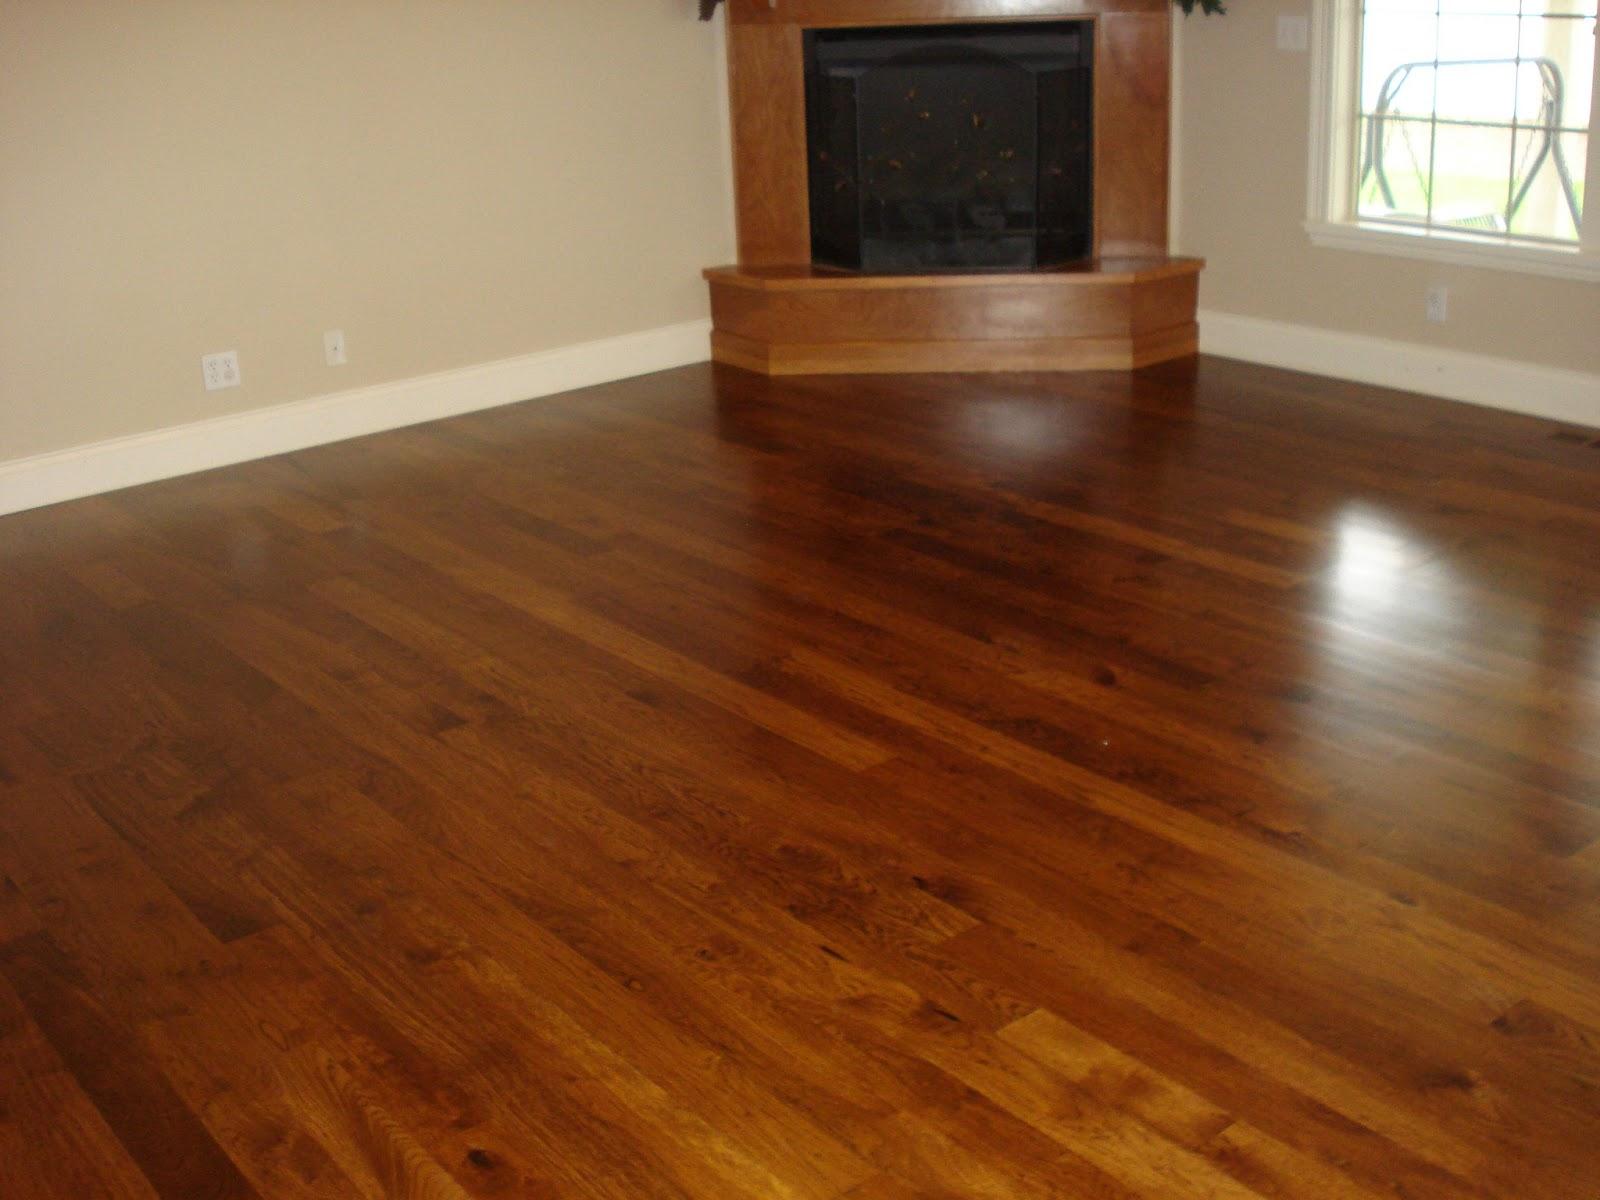 Especialista en instalaci n de pisos como limpiar piso - Como limpiar piso negro ...